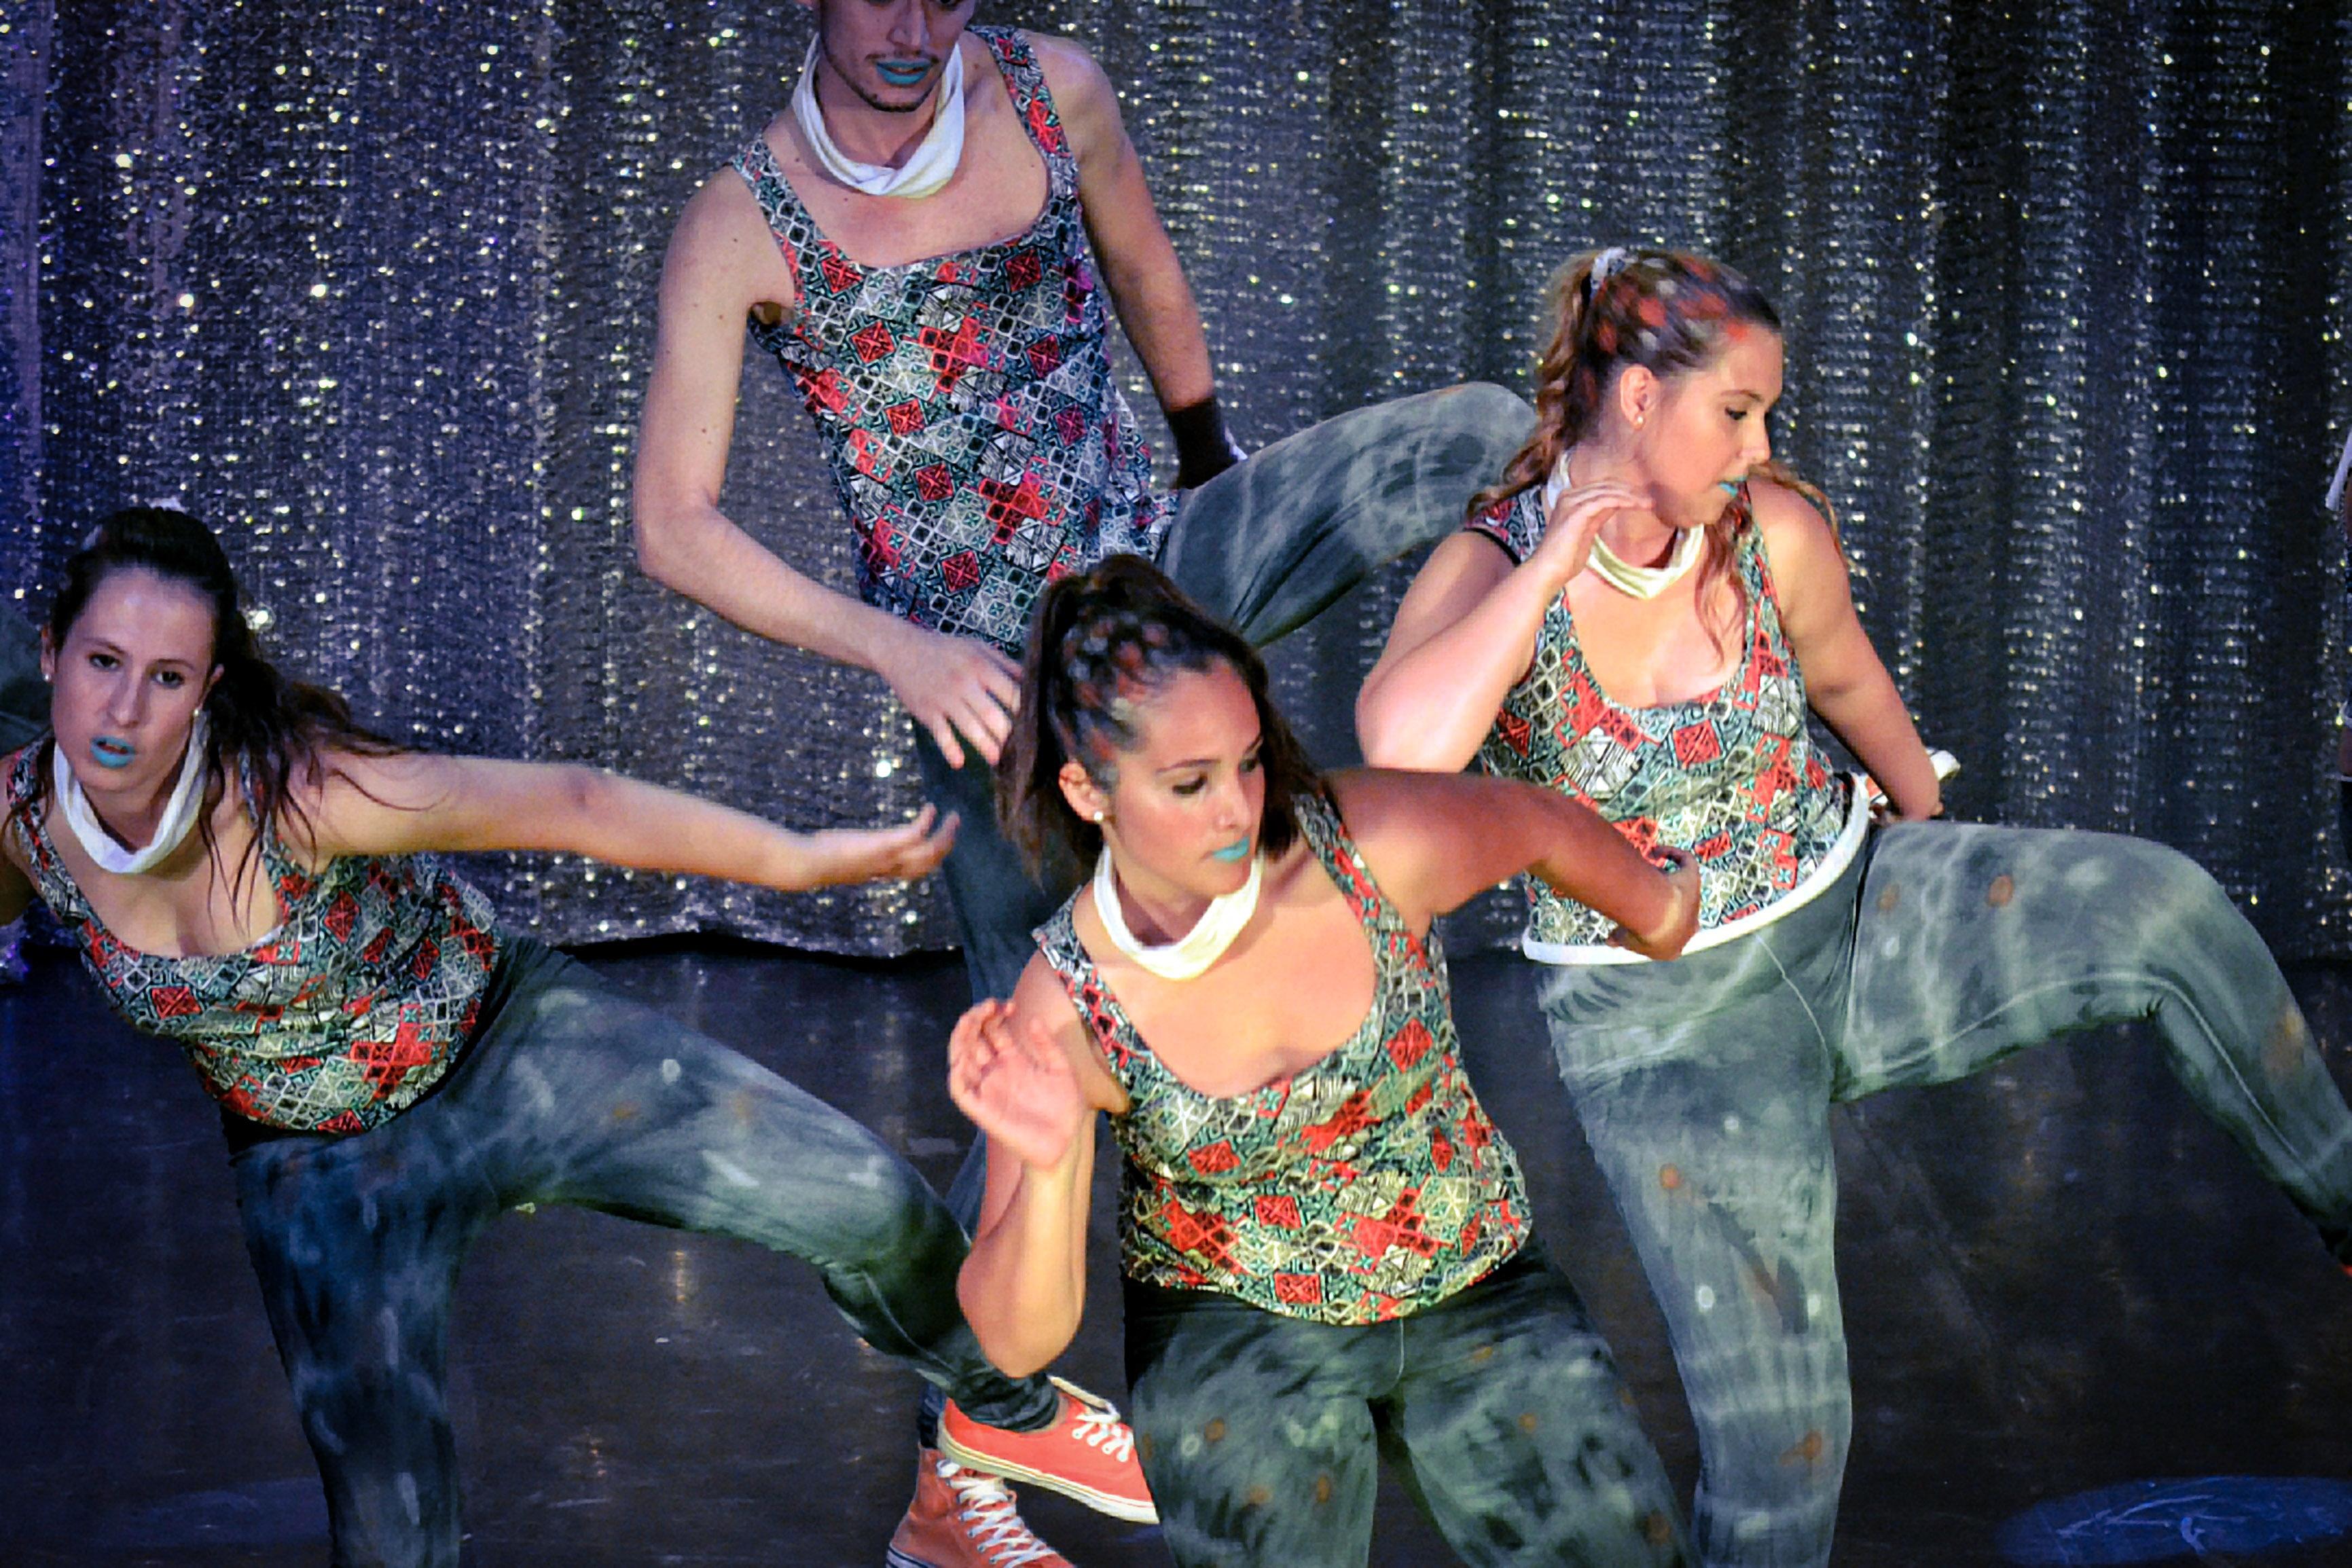 Linea-de-Baile-festival-verano-2015-clases-de-baile-valencia-153